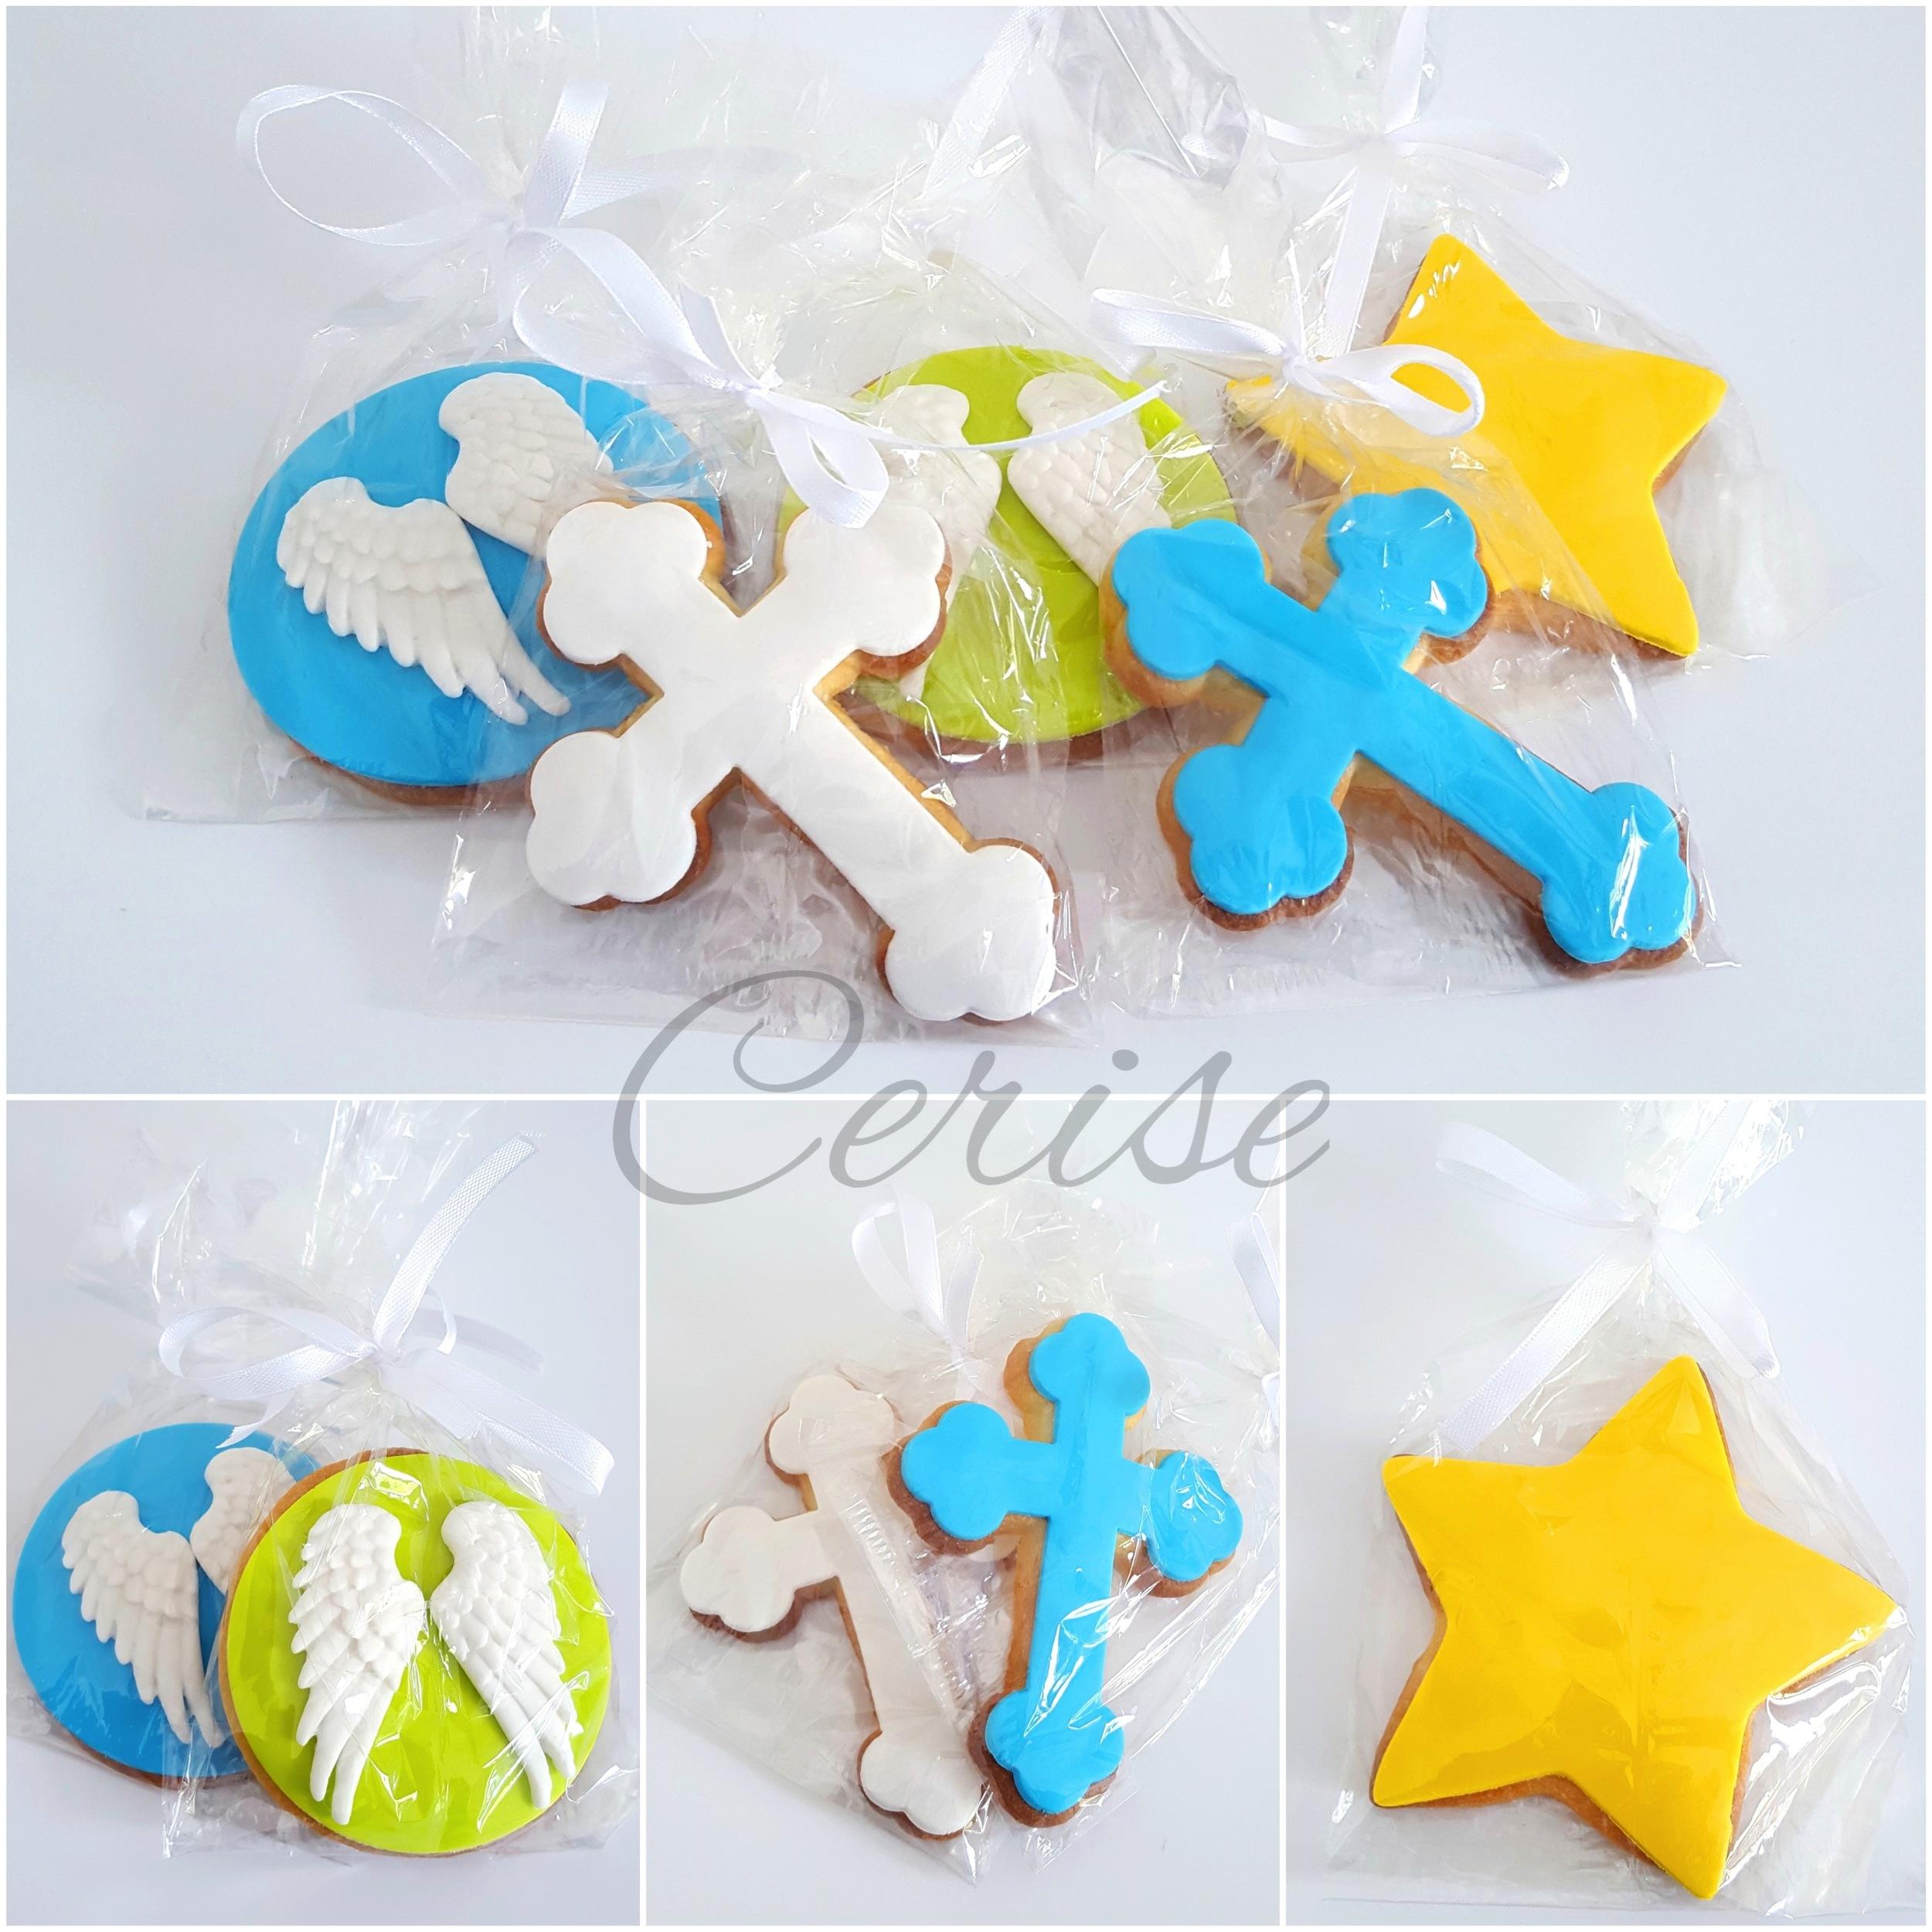 bapt cookies.jpg